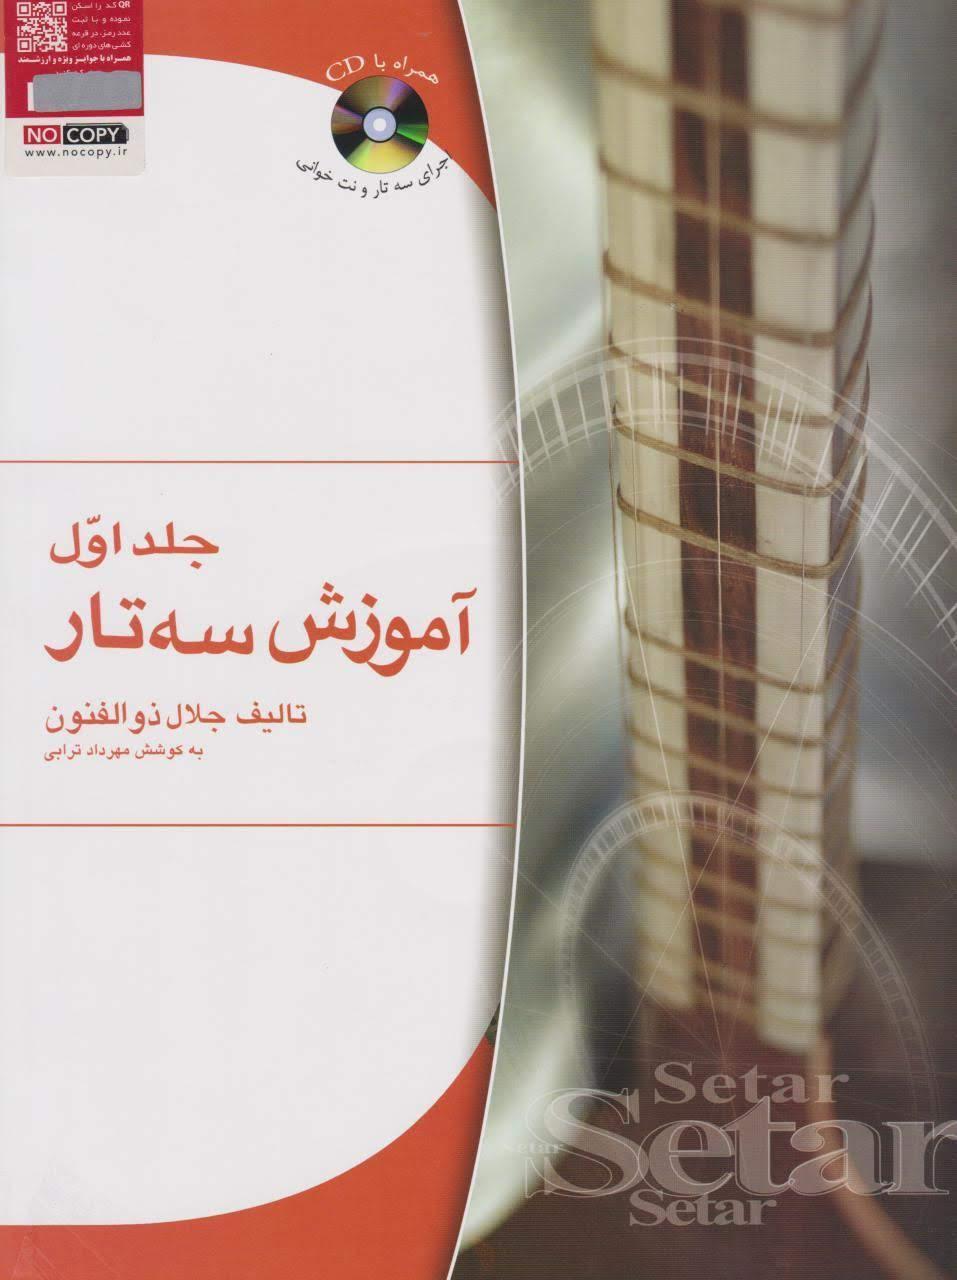 کتاب آموزش سهتار جلال ذوالفنون جلد اول (۱) به کوشش مهرداد ترابی انتشارات آهنگ